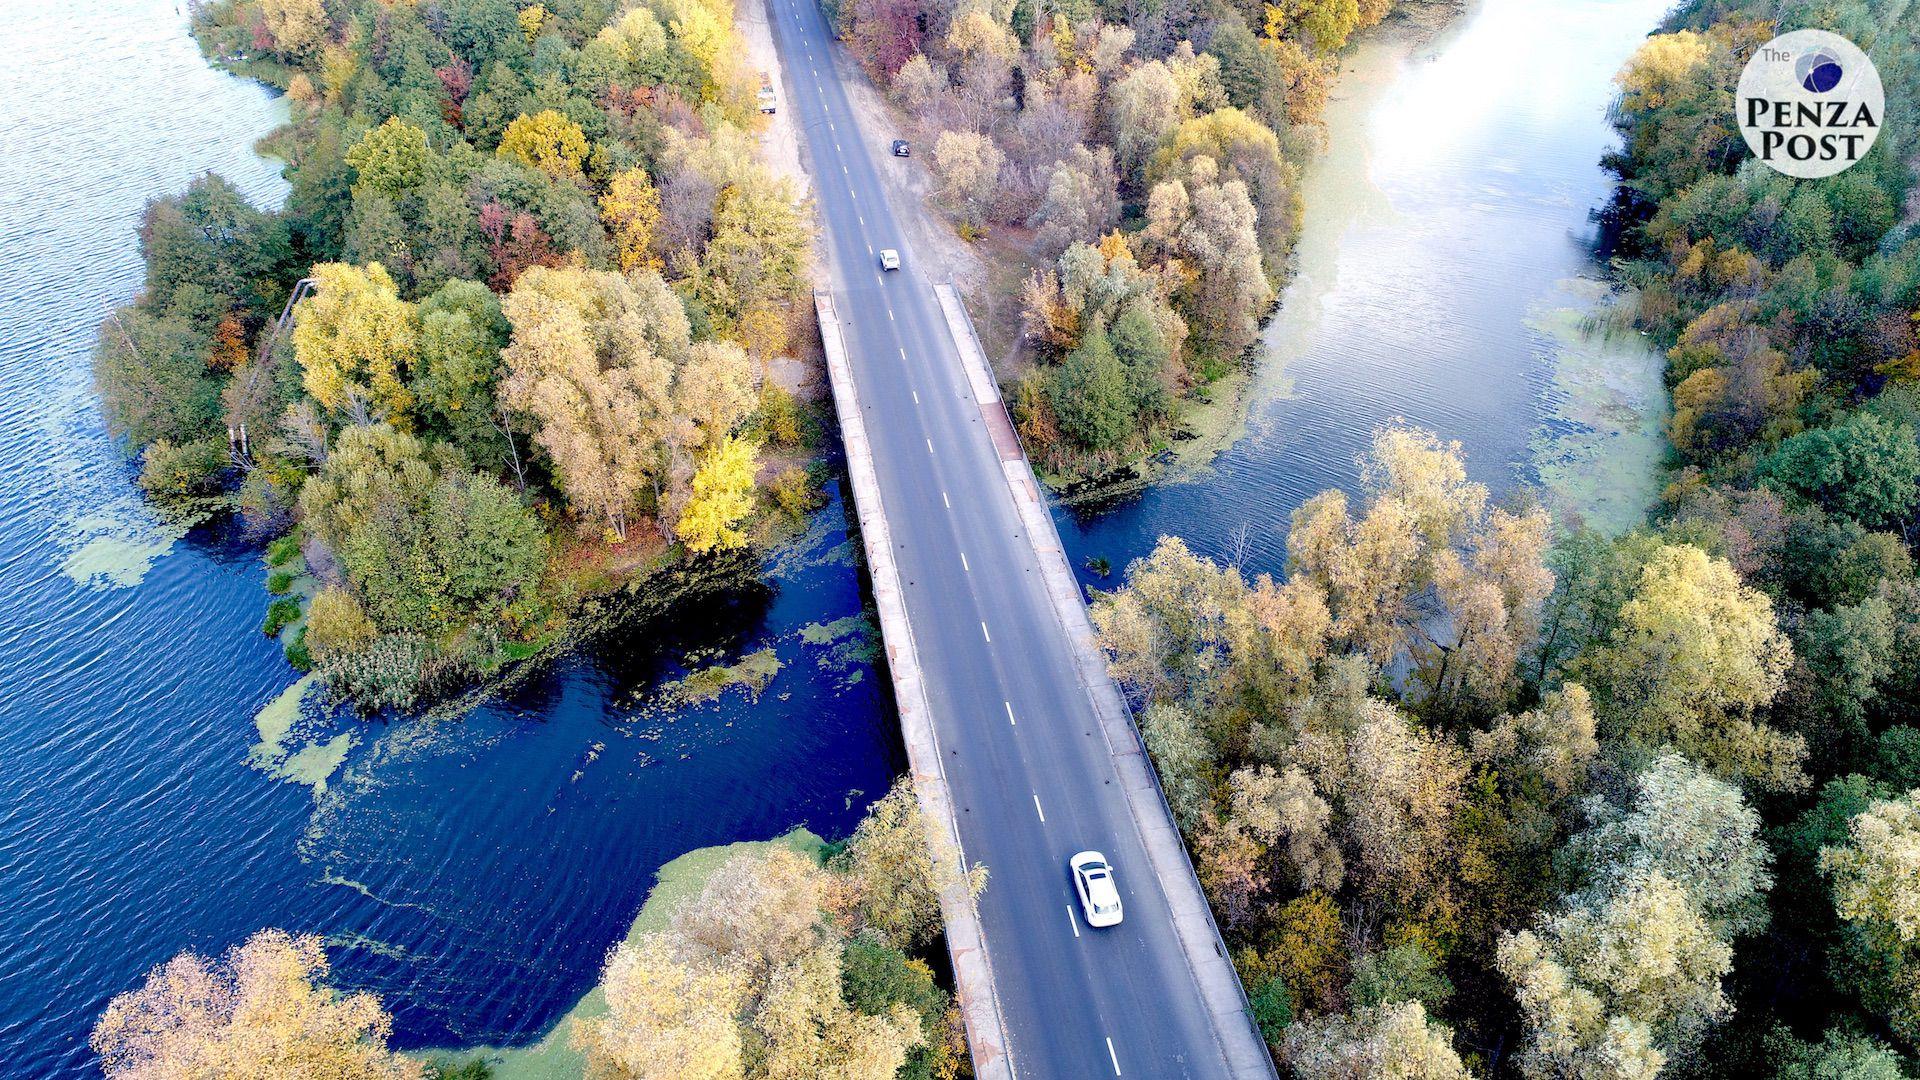 Пензенская область завершает реализацию нацпроекта «Безопасные качественные дороги»